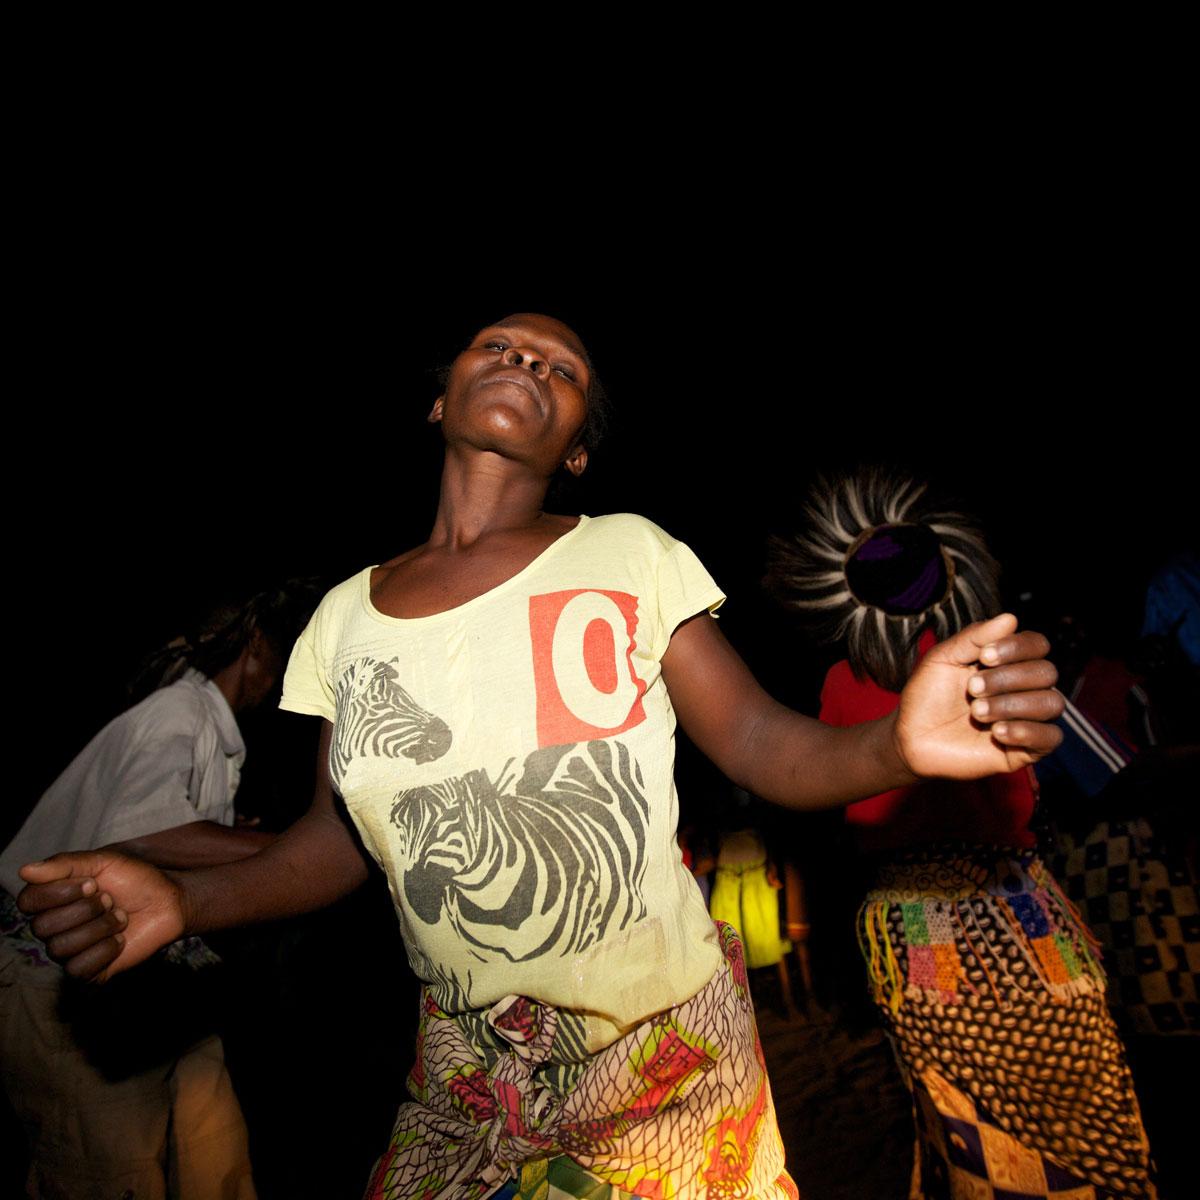 malawi-zambia_058_SP